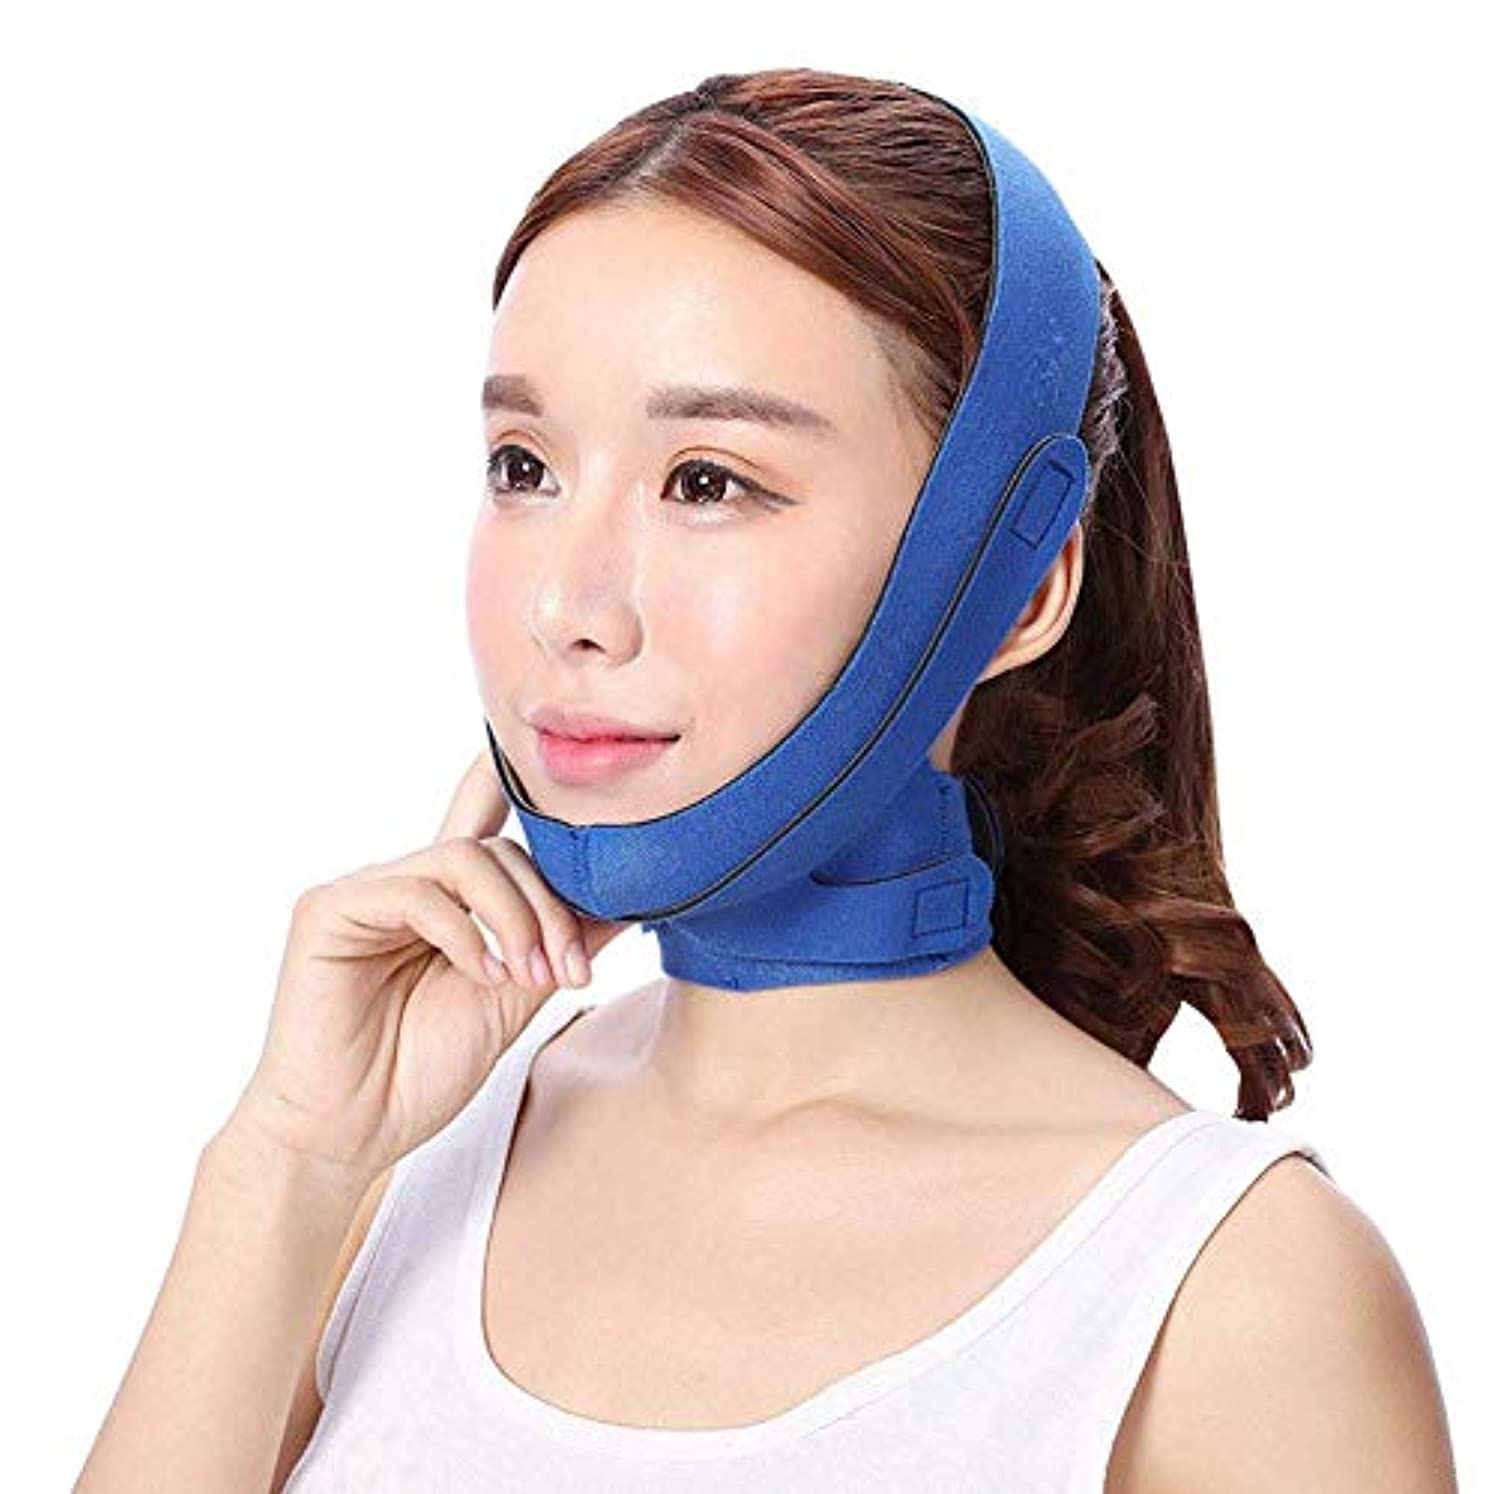 入場料サークル不変フェイスリフティング包帯、薄いフェイスマスクVベルト/痩身包帯あご口腔マスク赤面